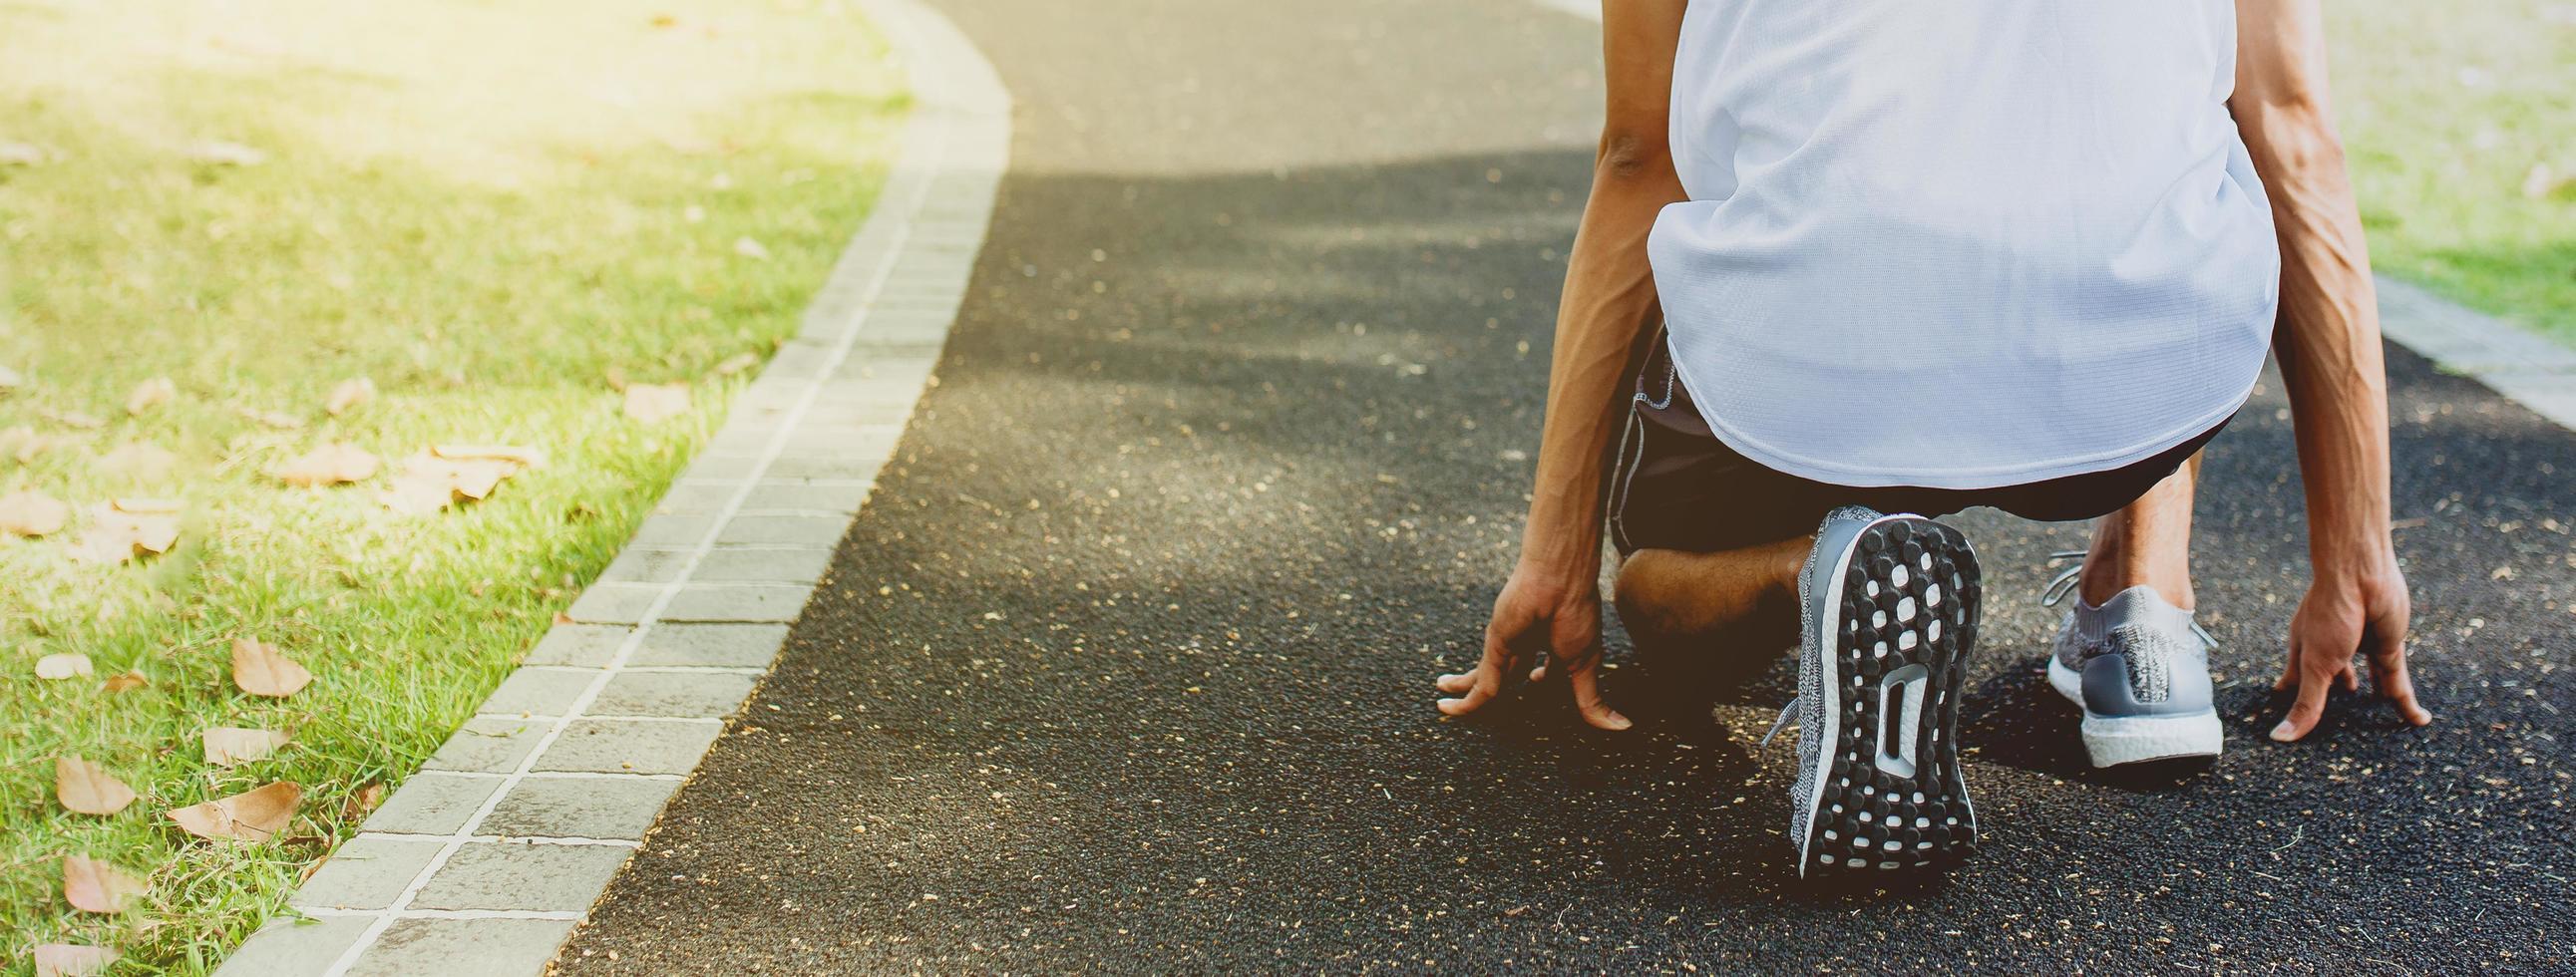 atleta en pose de inicio de carrera en parque público foto